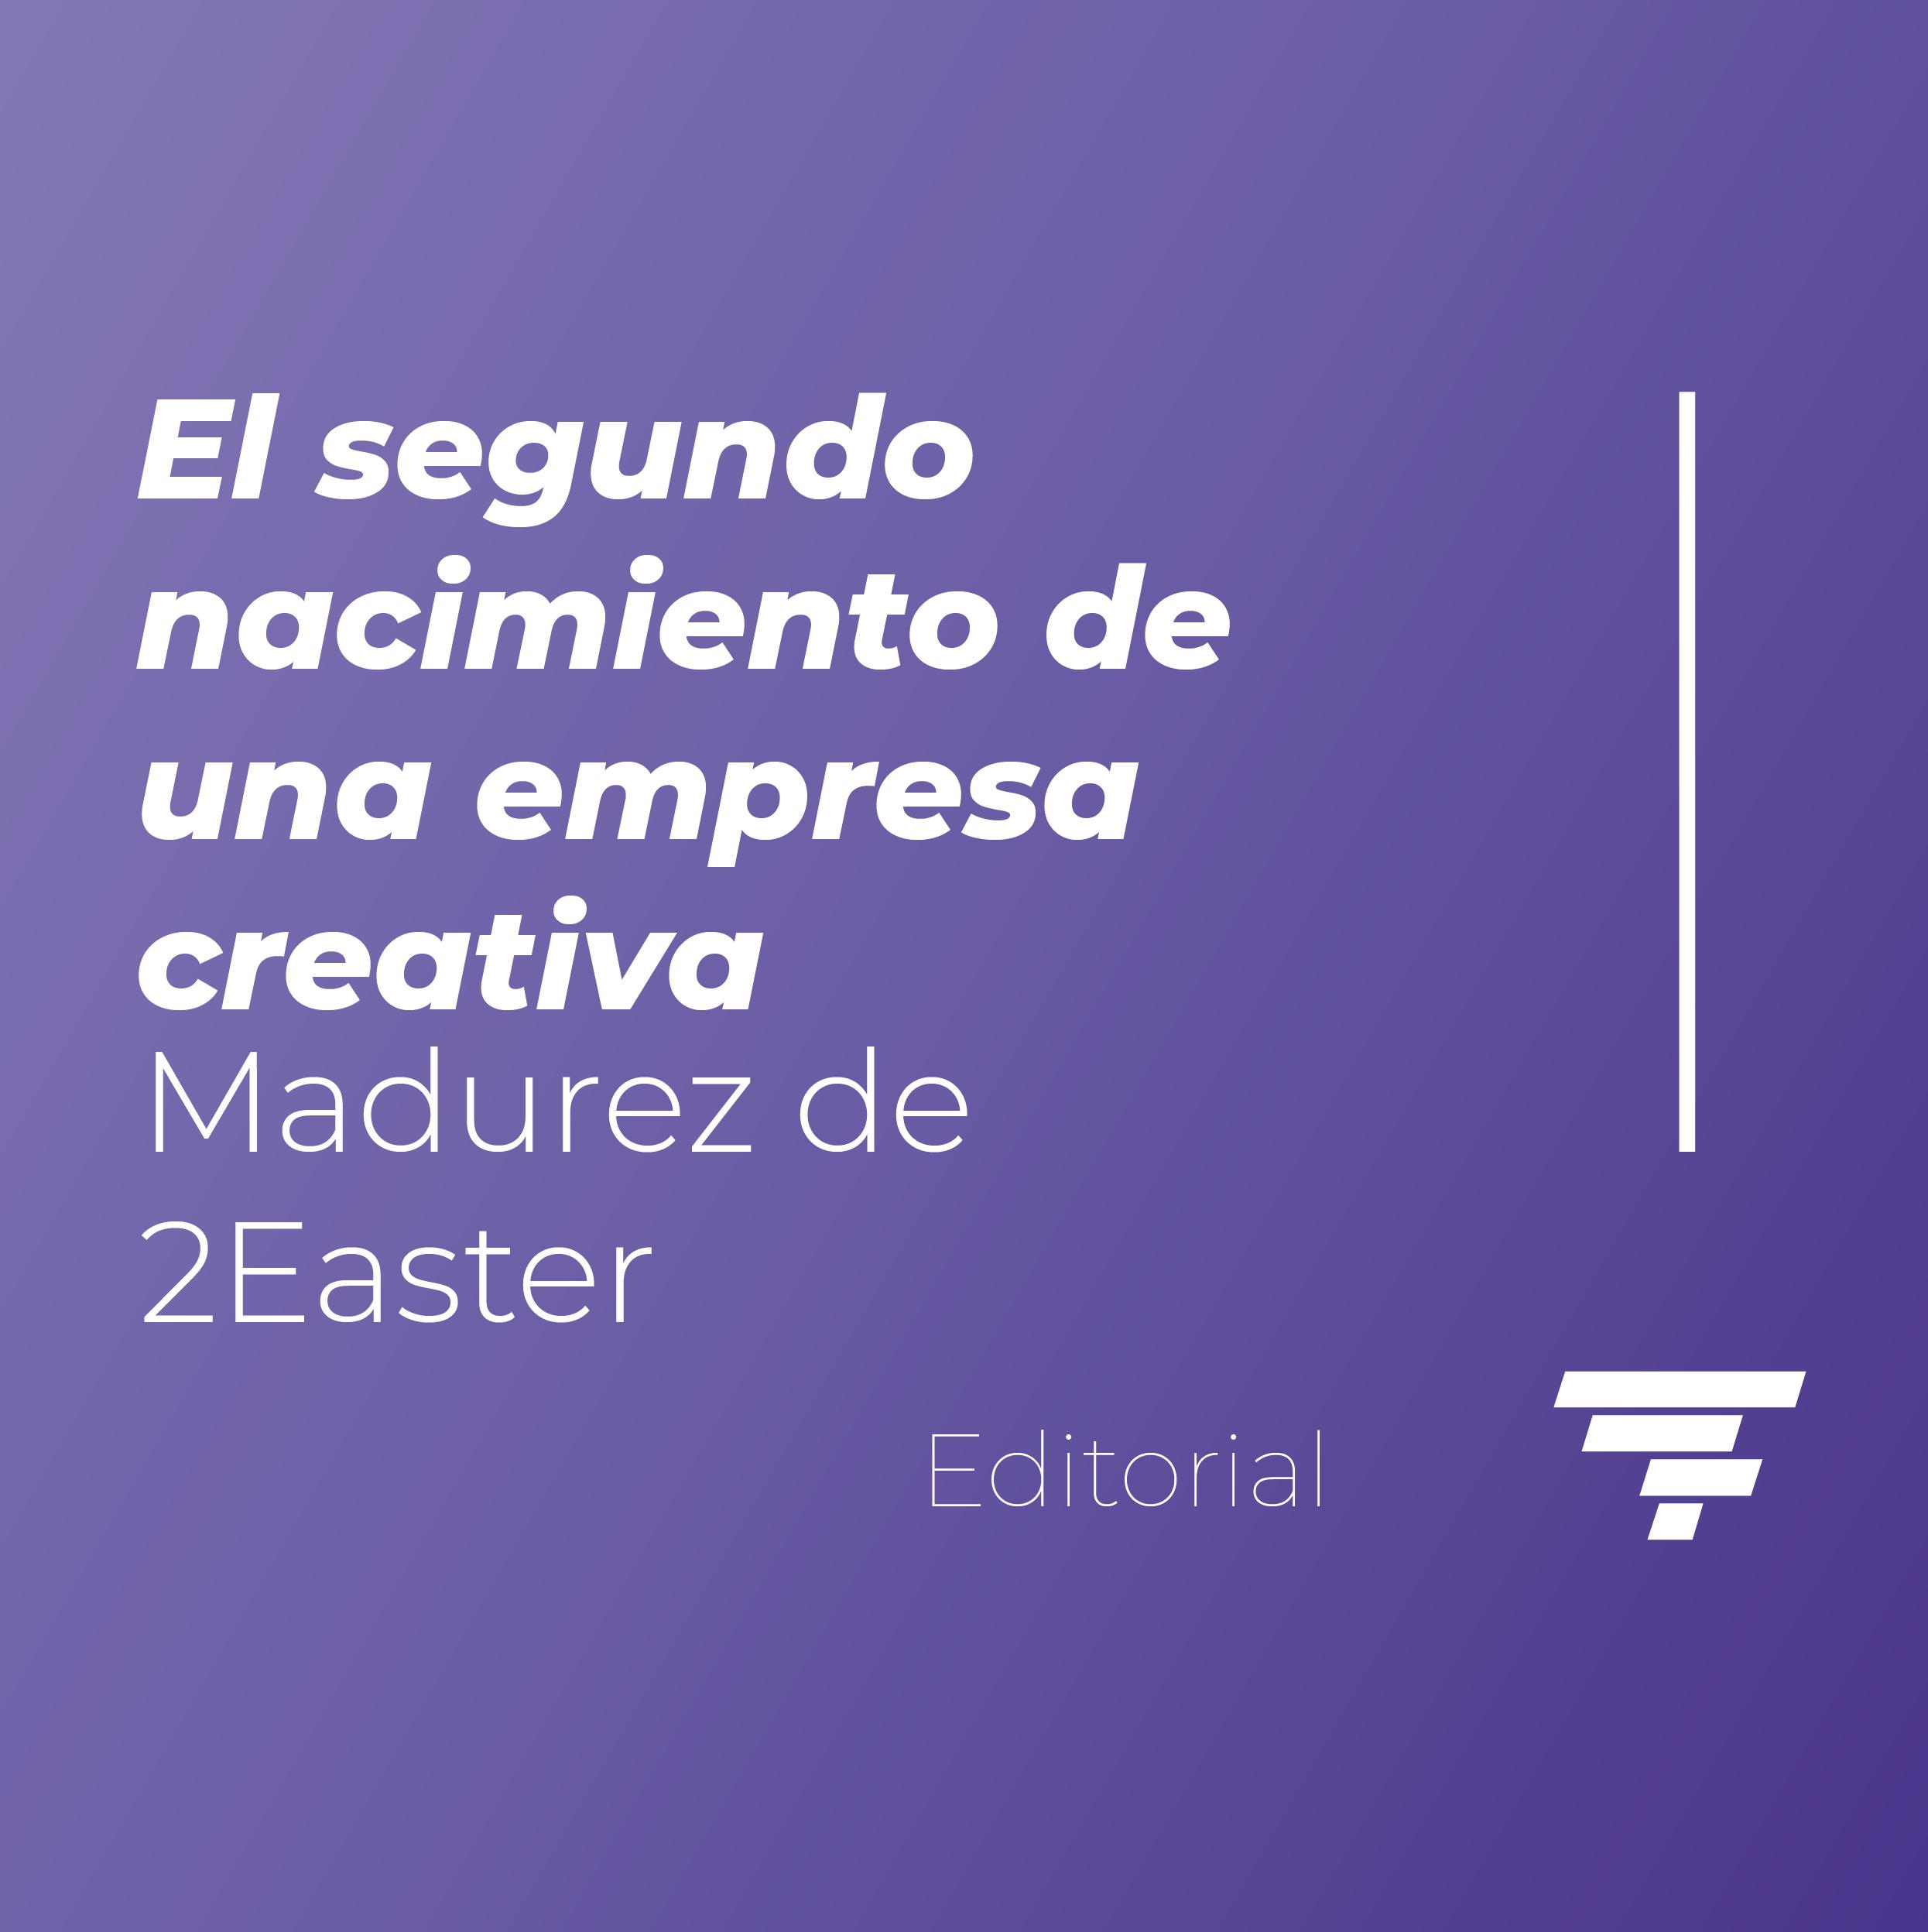 El segundo nacimiento de una empresa creativa: Madurez de 2Easter